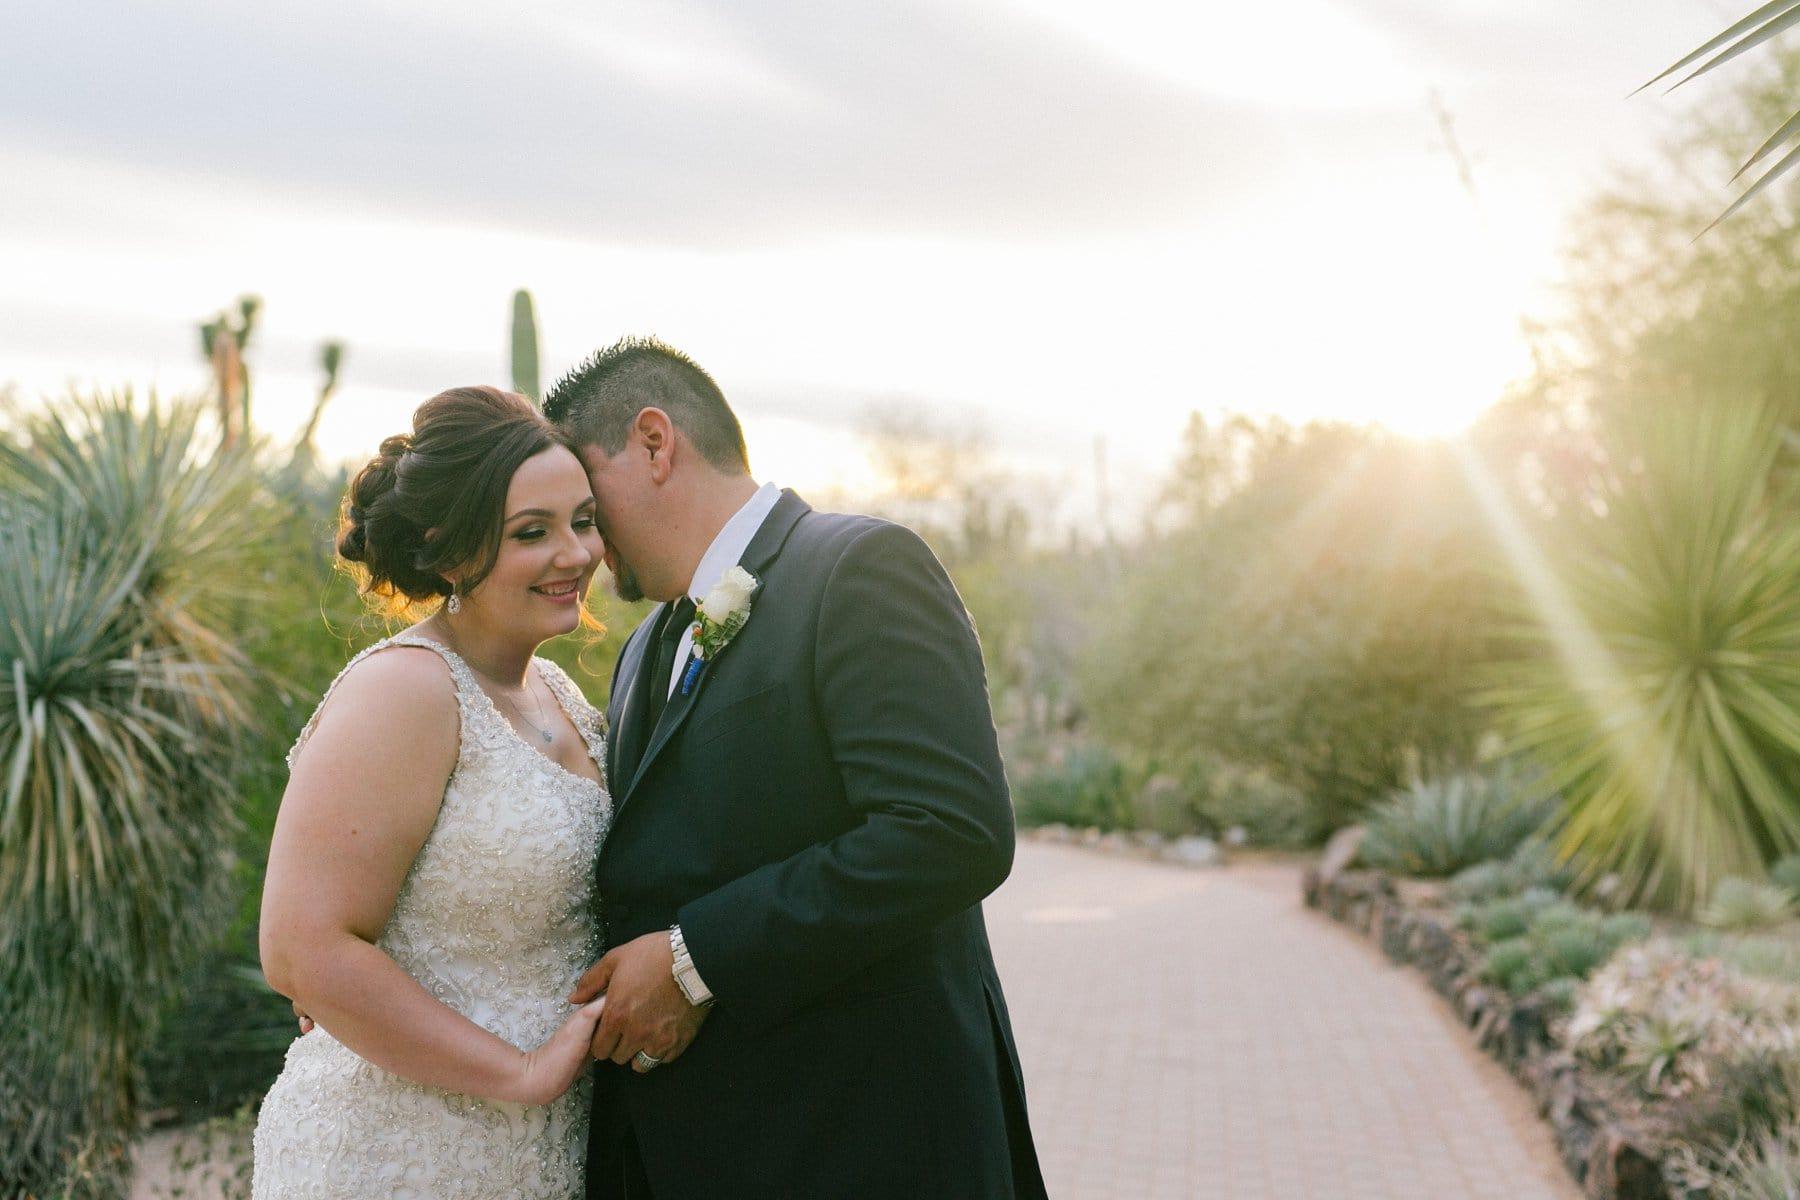 sunset portraits of bride & groom at Desert Botanical Gardens